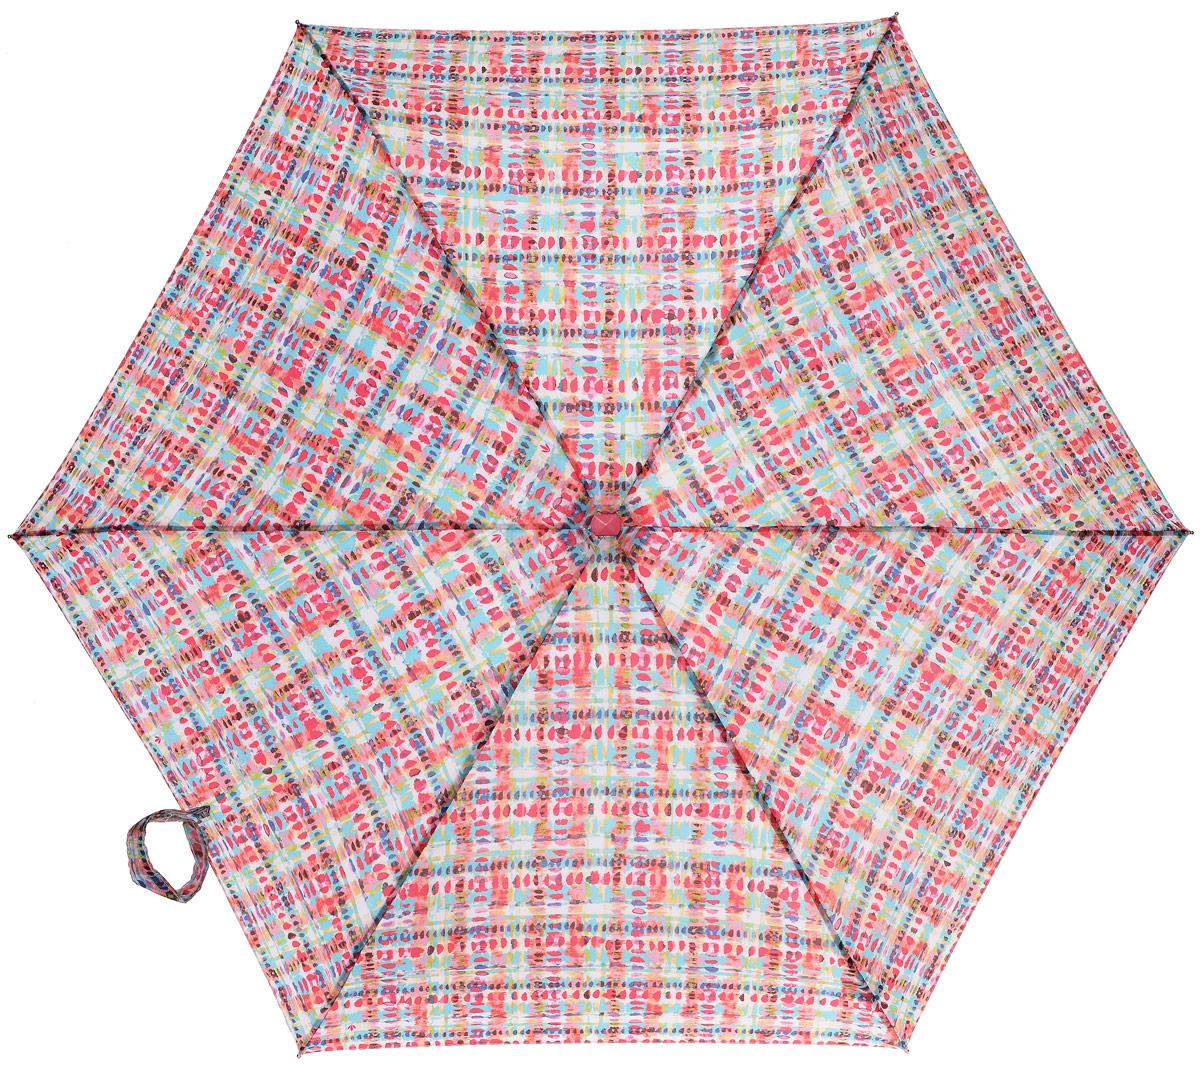 Зонт женский механика Fulton, расцветка: клетка. L501-3166 Watercolour CheckL501-3166 WatercolourCheckПрочный, необыкновенно компактный зонт, который с легкостью поместится в маленькую сумочку. Удобный плоский чехол. Облегченный алюминиевый каркас с элементами из фибергласса. Ветроустойчивая конструкция. Размеры зонта в сложенном виде 15смх6смх3см, диаметр купола 87 см.